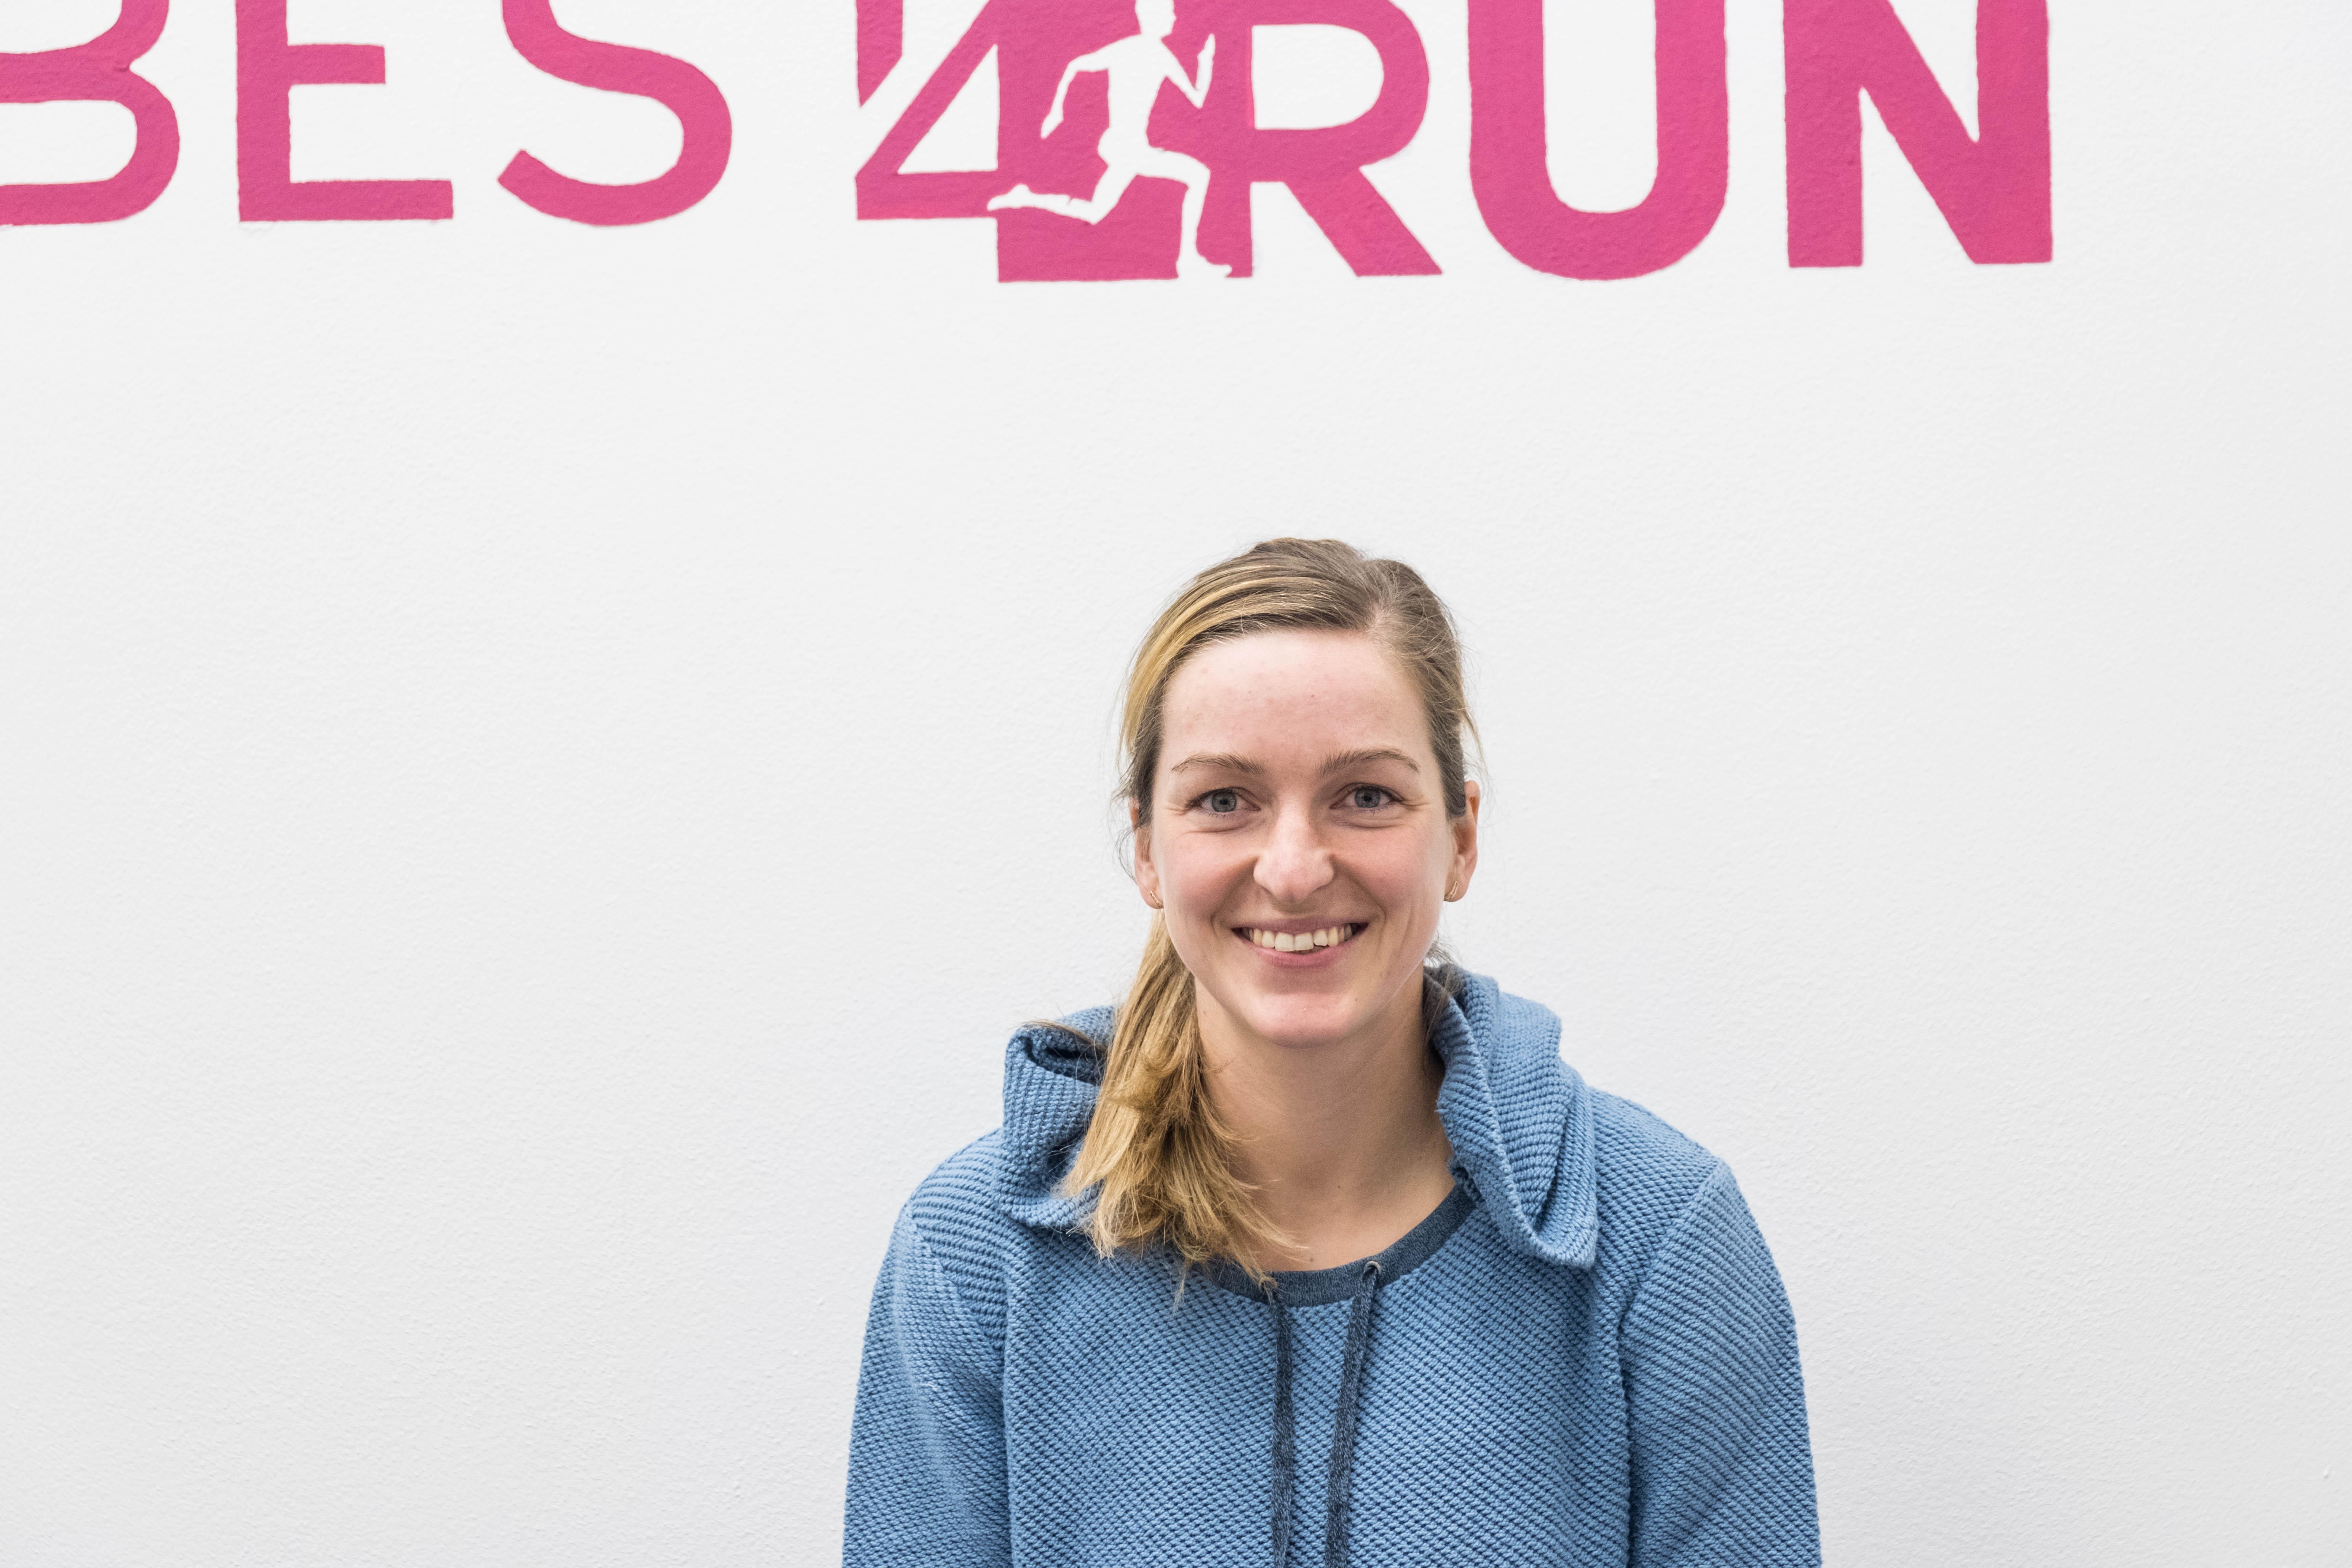 Běžecký podcast: Krása přítomného okamžiku na extrémních triatlonech s Kristýnou Skupieňovou